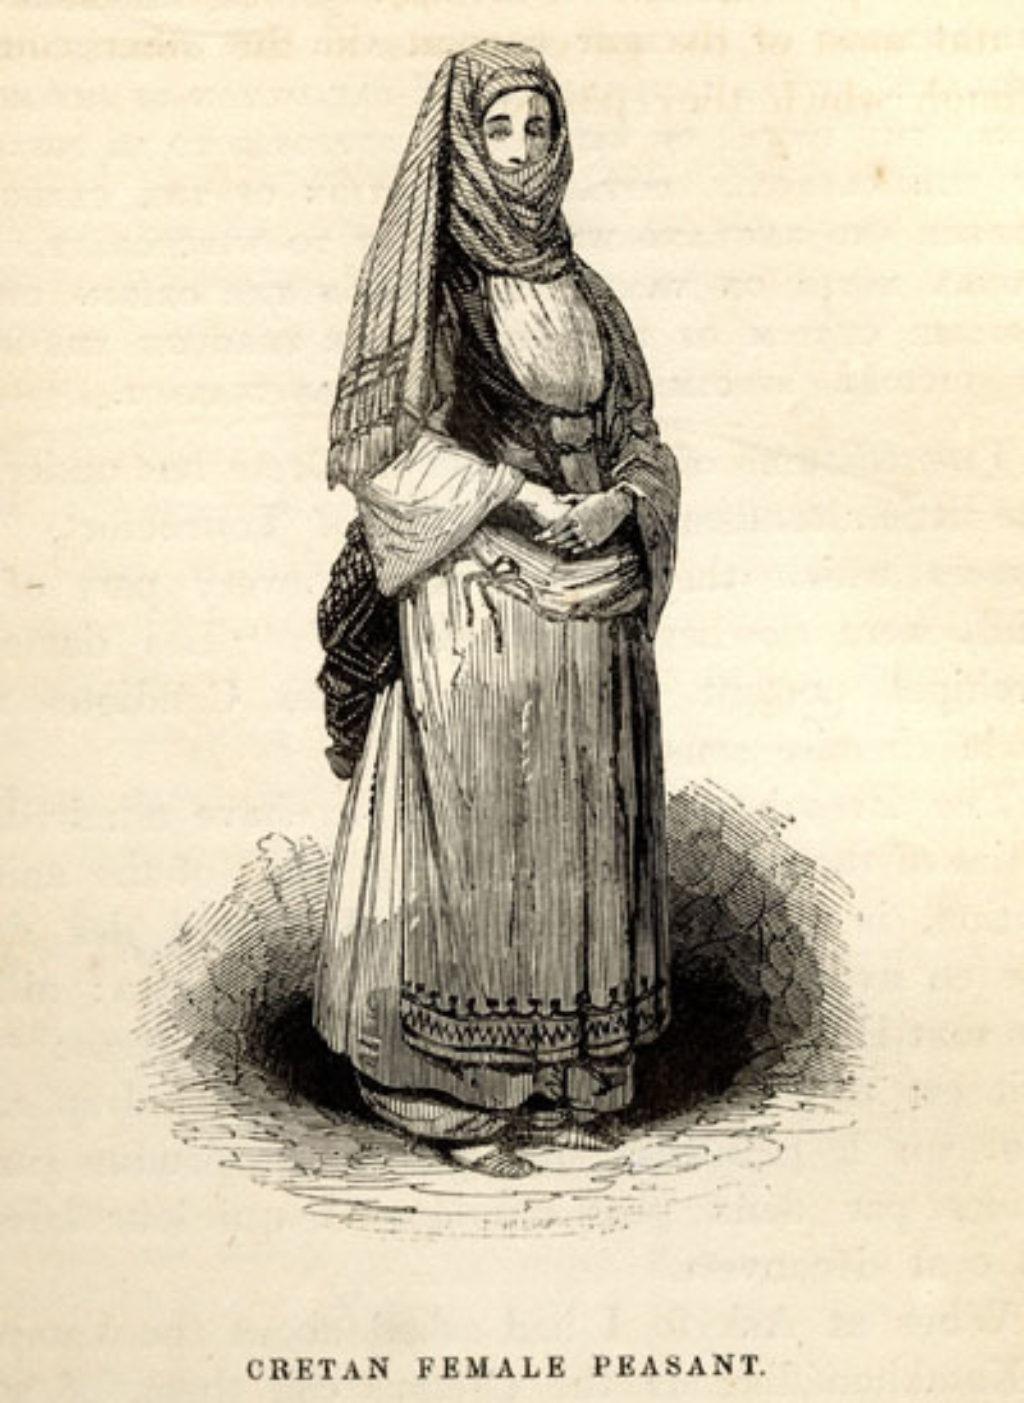 Μία από τις ελάχιστες απεικονίσεις γυναικών στην Κρήτη του πρώιμου 19ου αι. (R. Pashley, 1834)